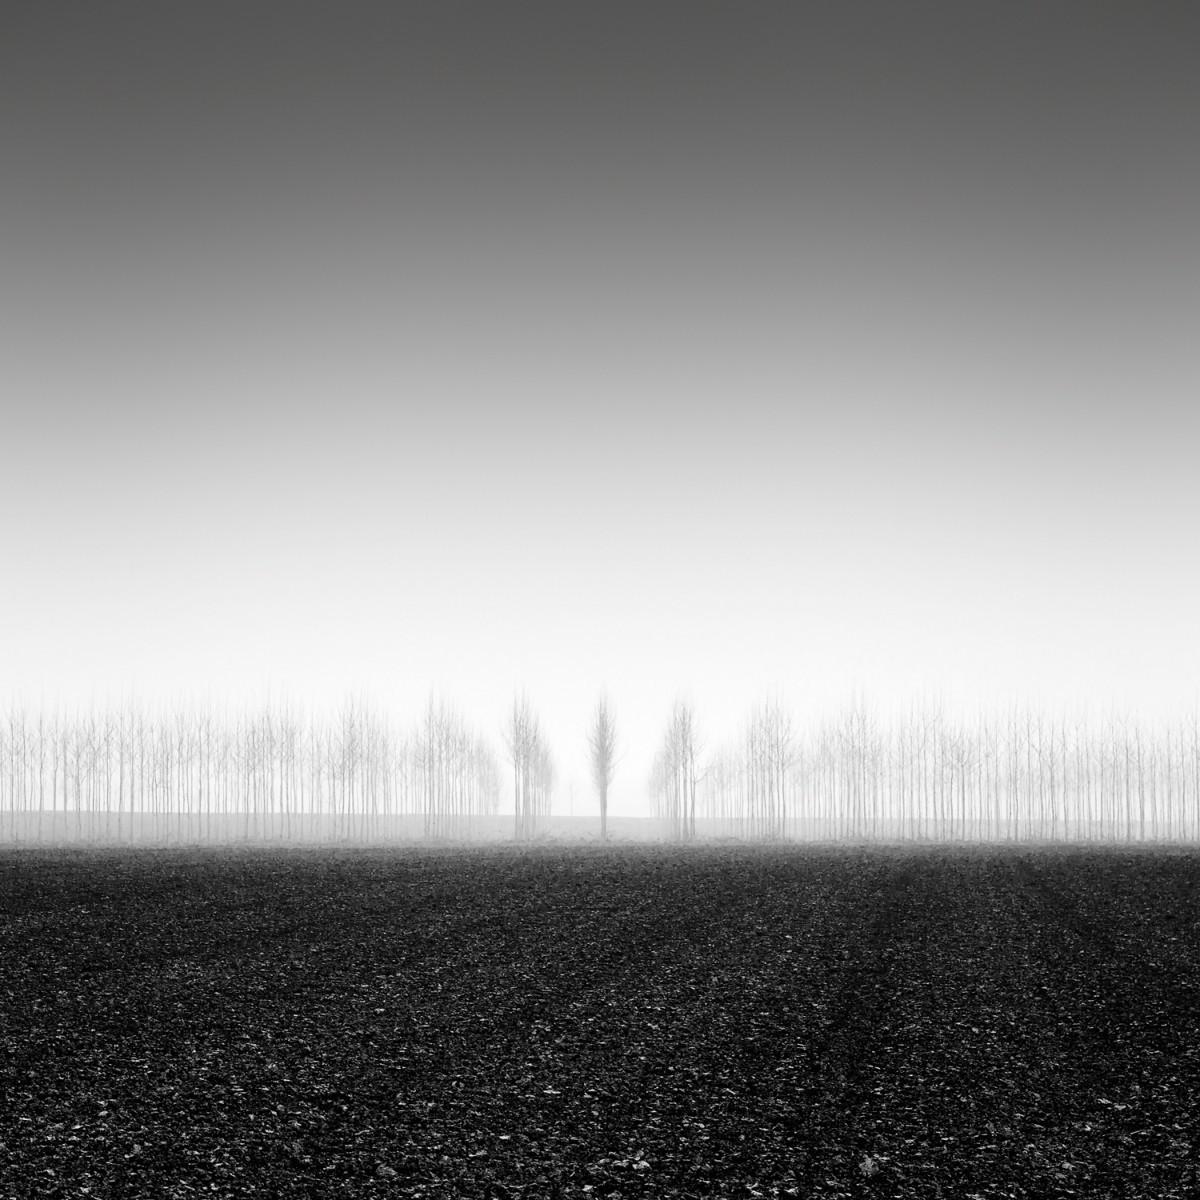 Утренний туман. Автор Розарио Чивелло